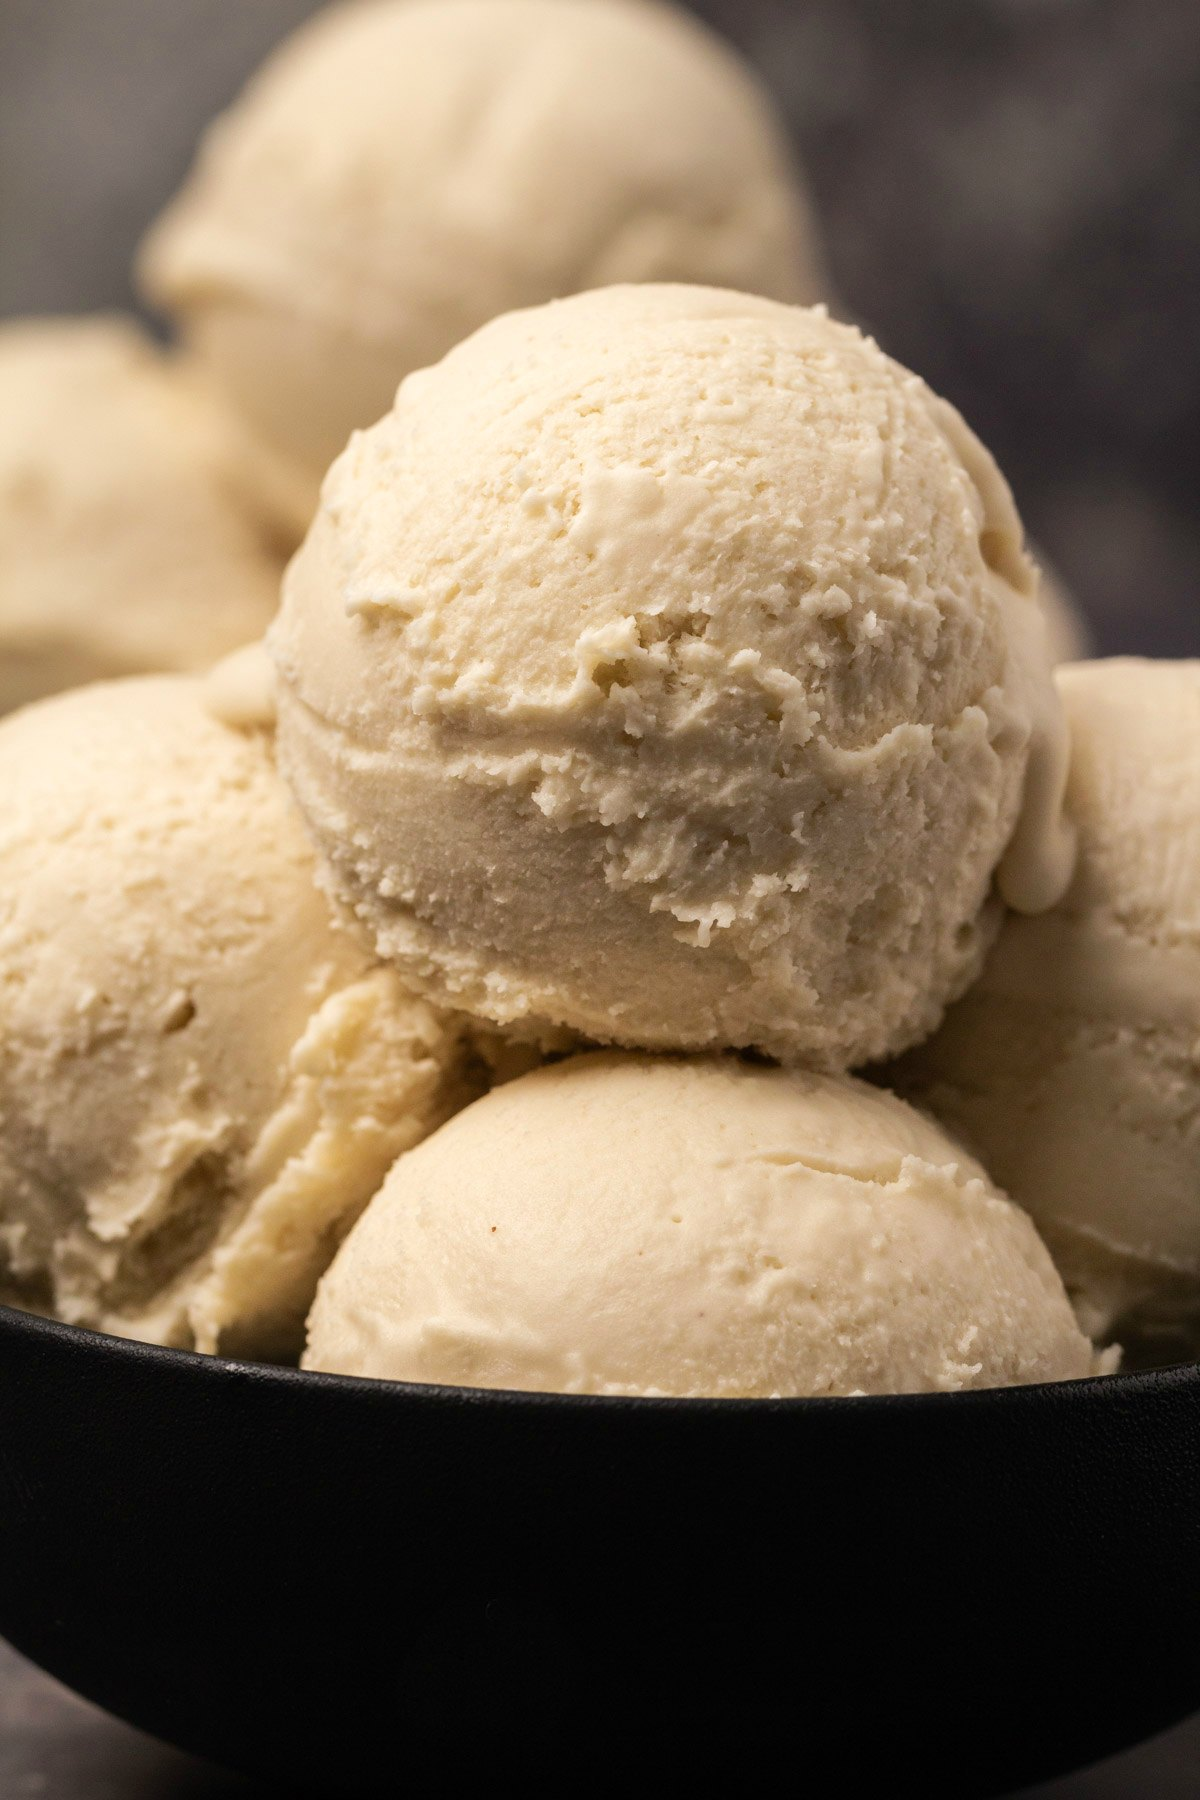 Vegan ice cream scoops in a black bowl.